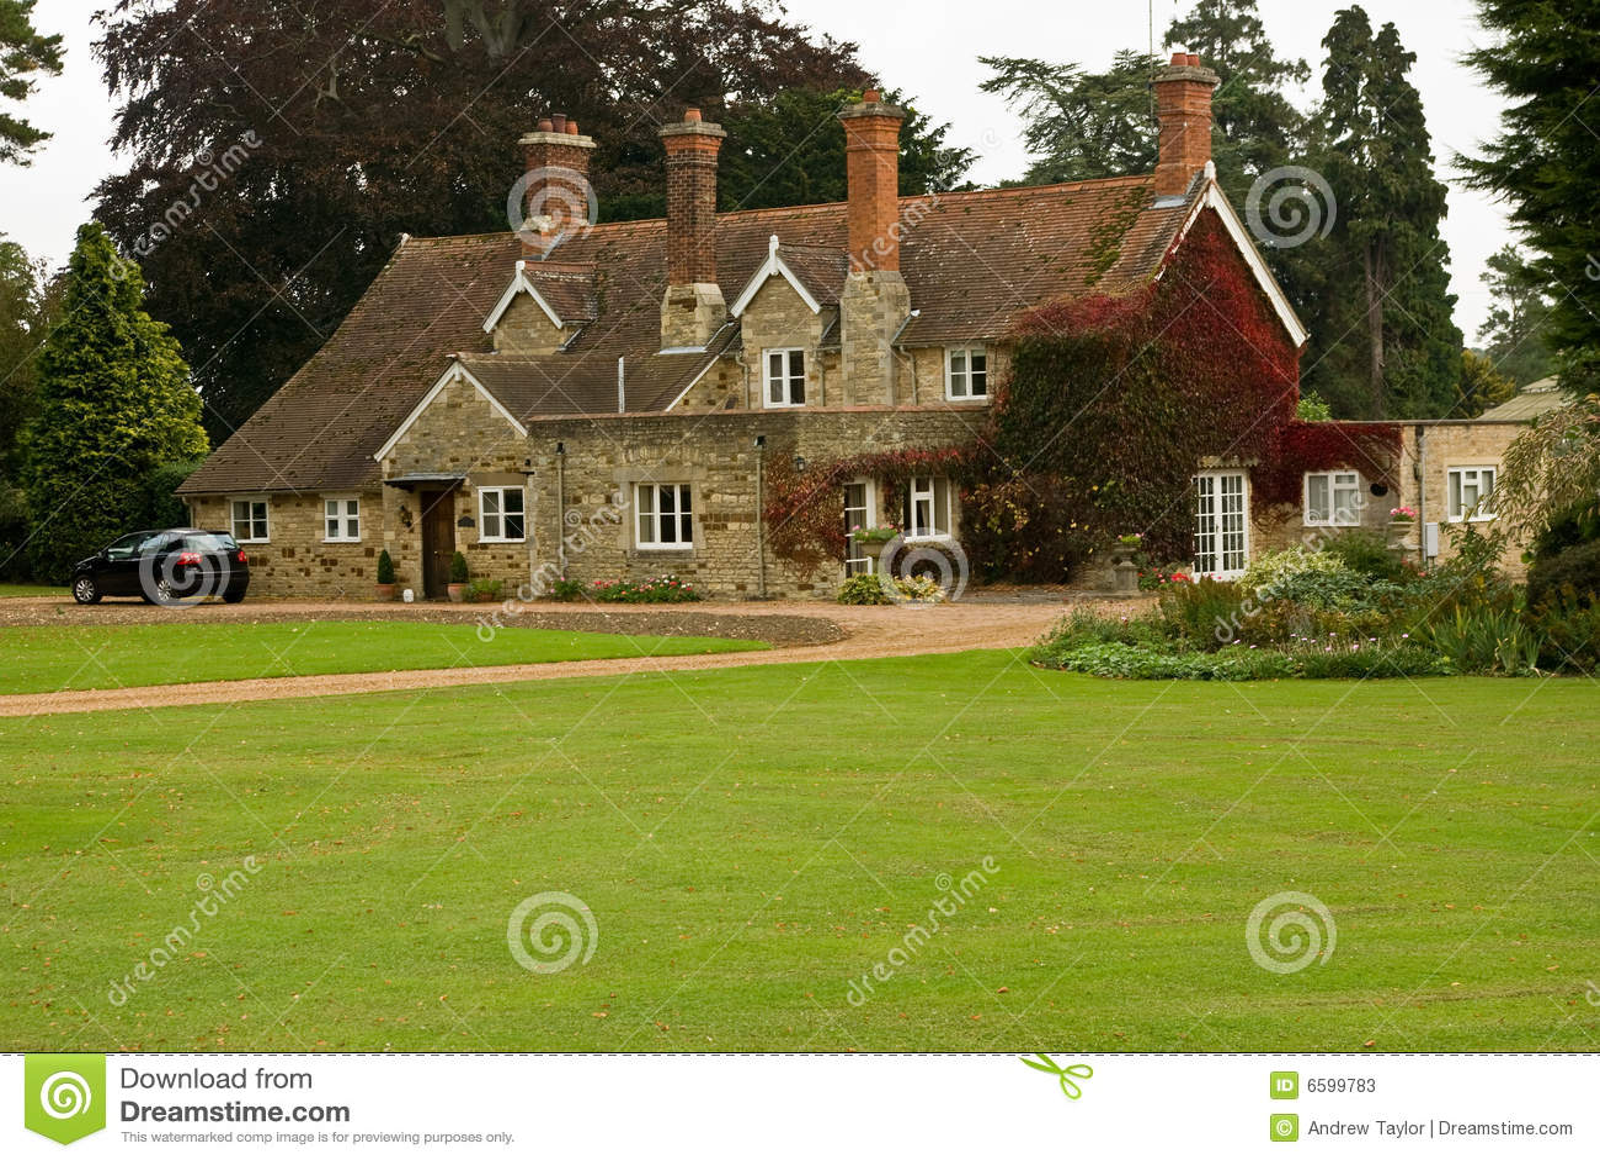 Un 39 altra casa di campagna inglese immagine stock for Design di casa di campagna inglese